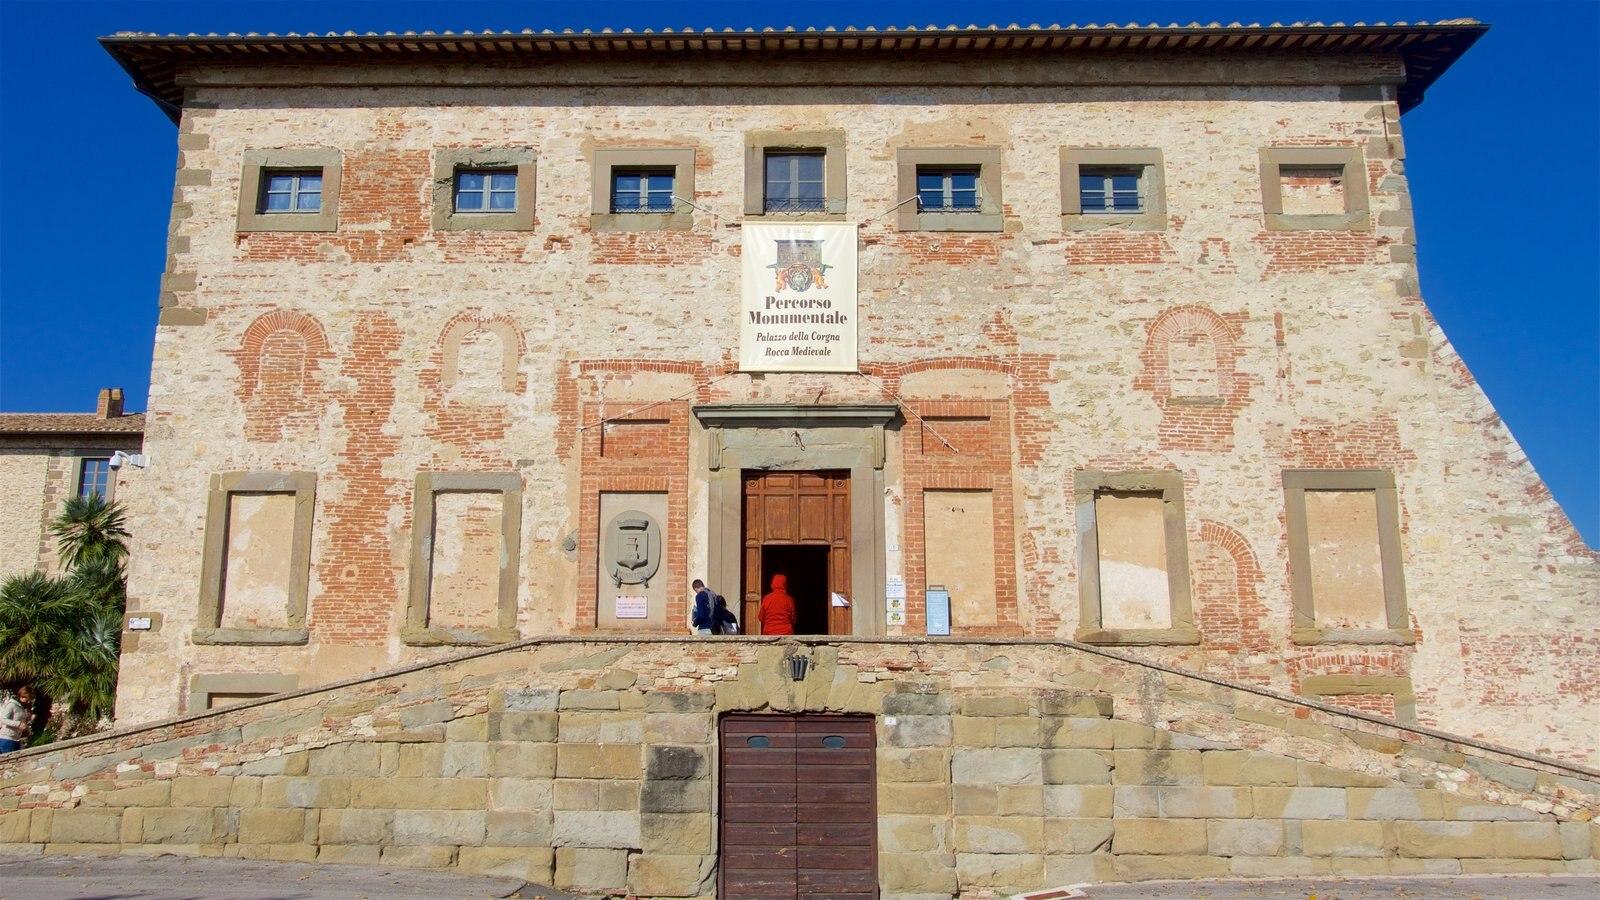 Castiglione del Lago featuring heritage elements and a castle